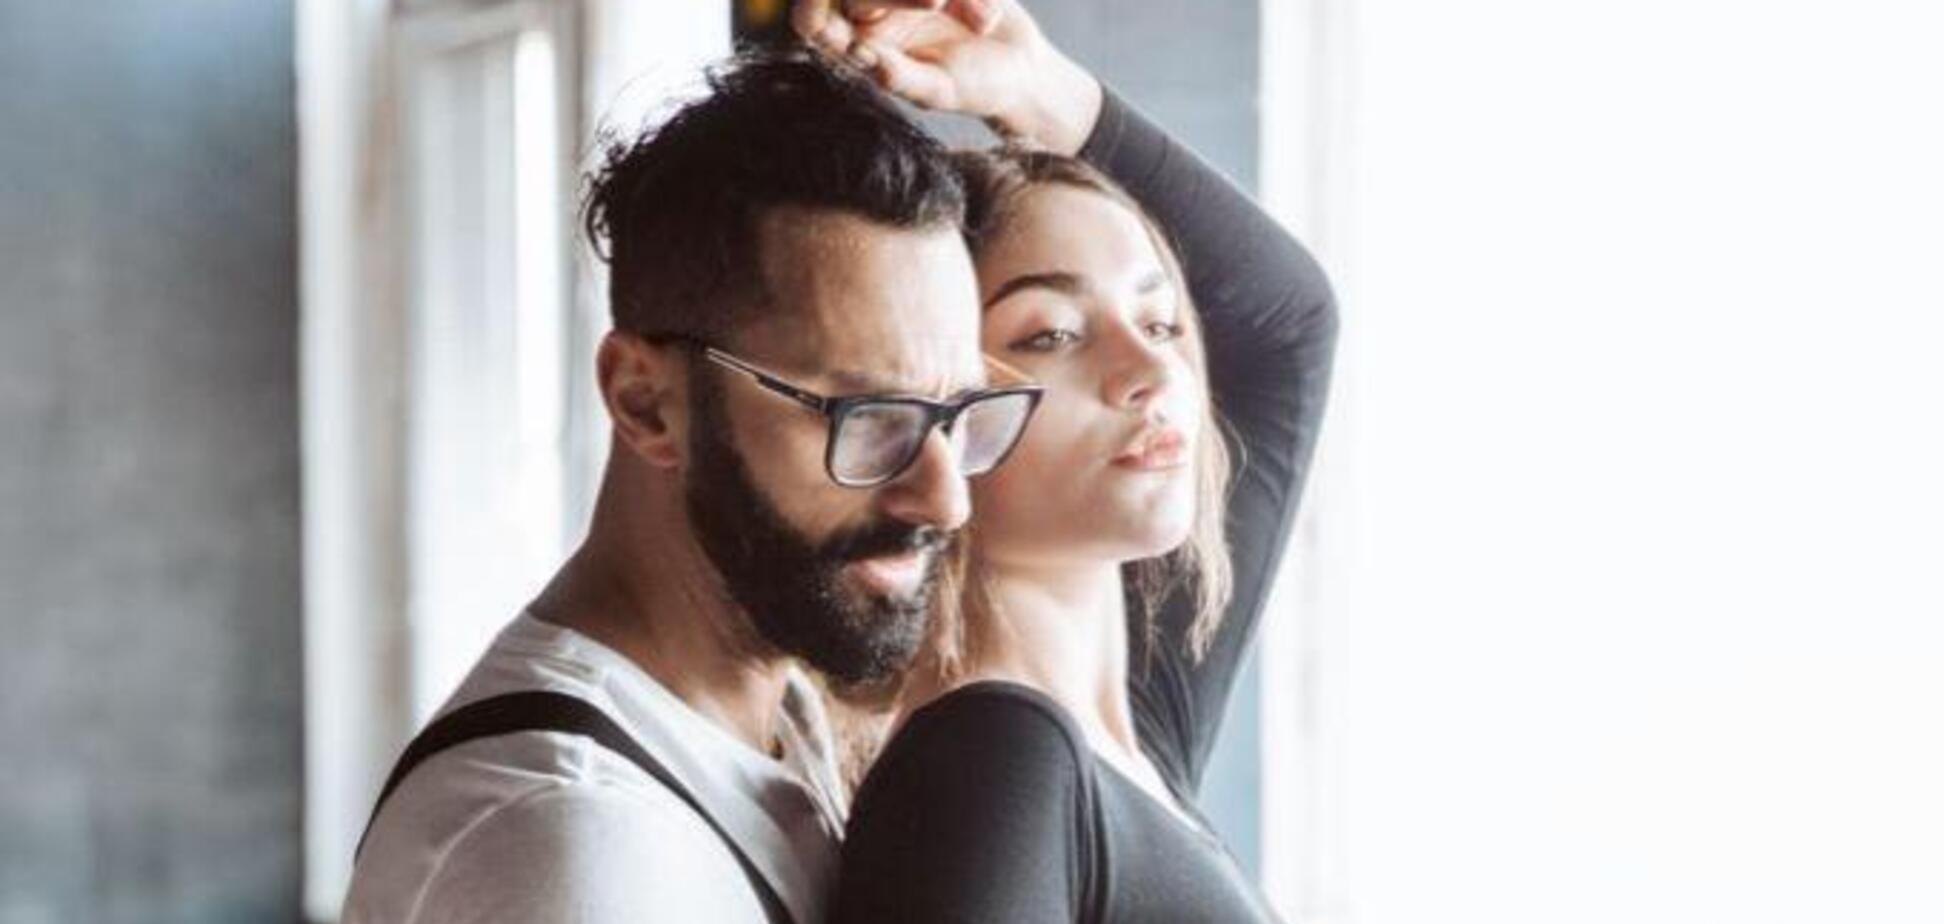 Украинского певца застукали с девушкой: появилась реакция жены